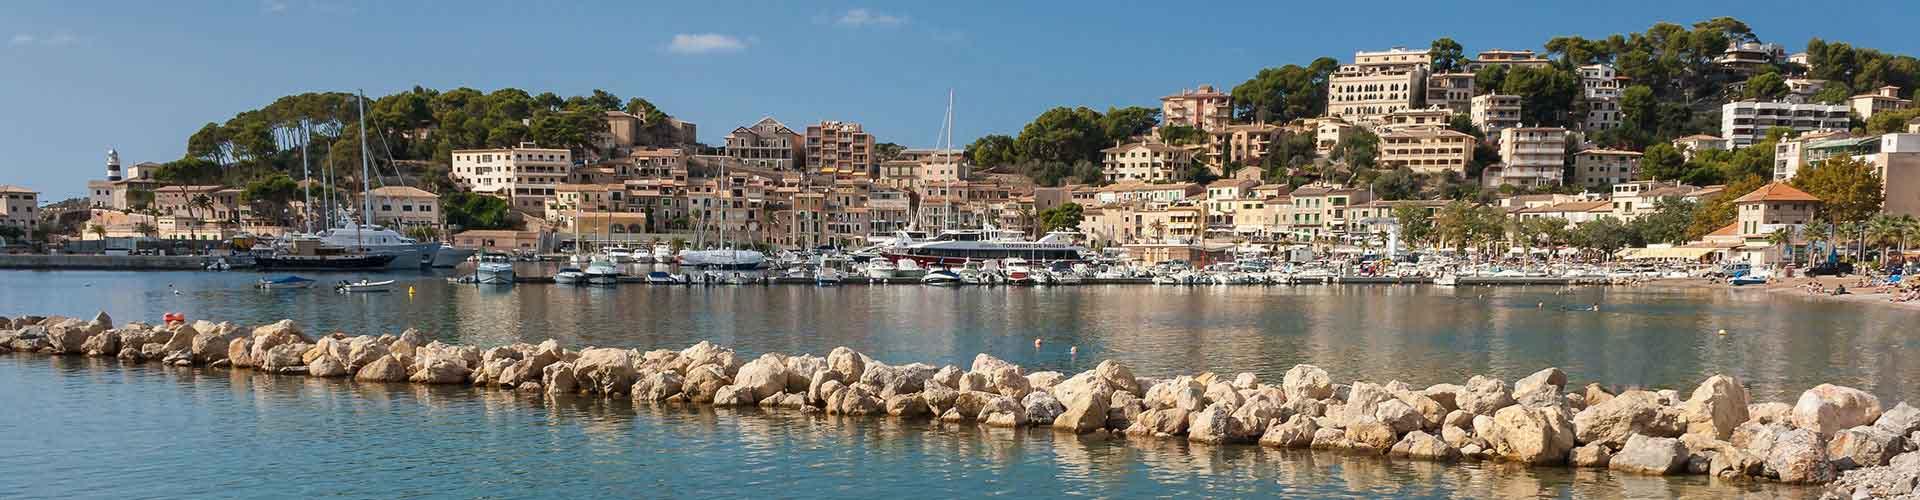 Majorque - Chambres à Majorque. Cartes pour Majorque, photos et commentaires pour chaque chambre à Majorque.